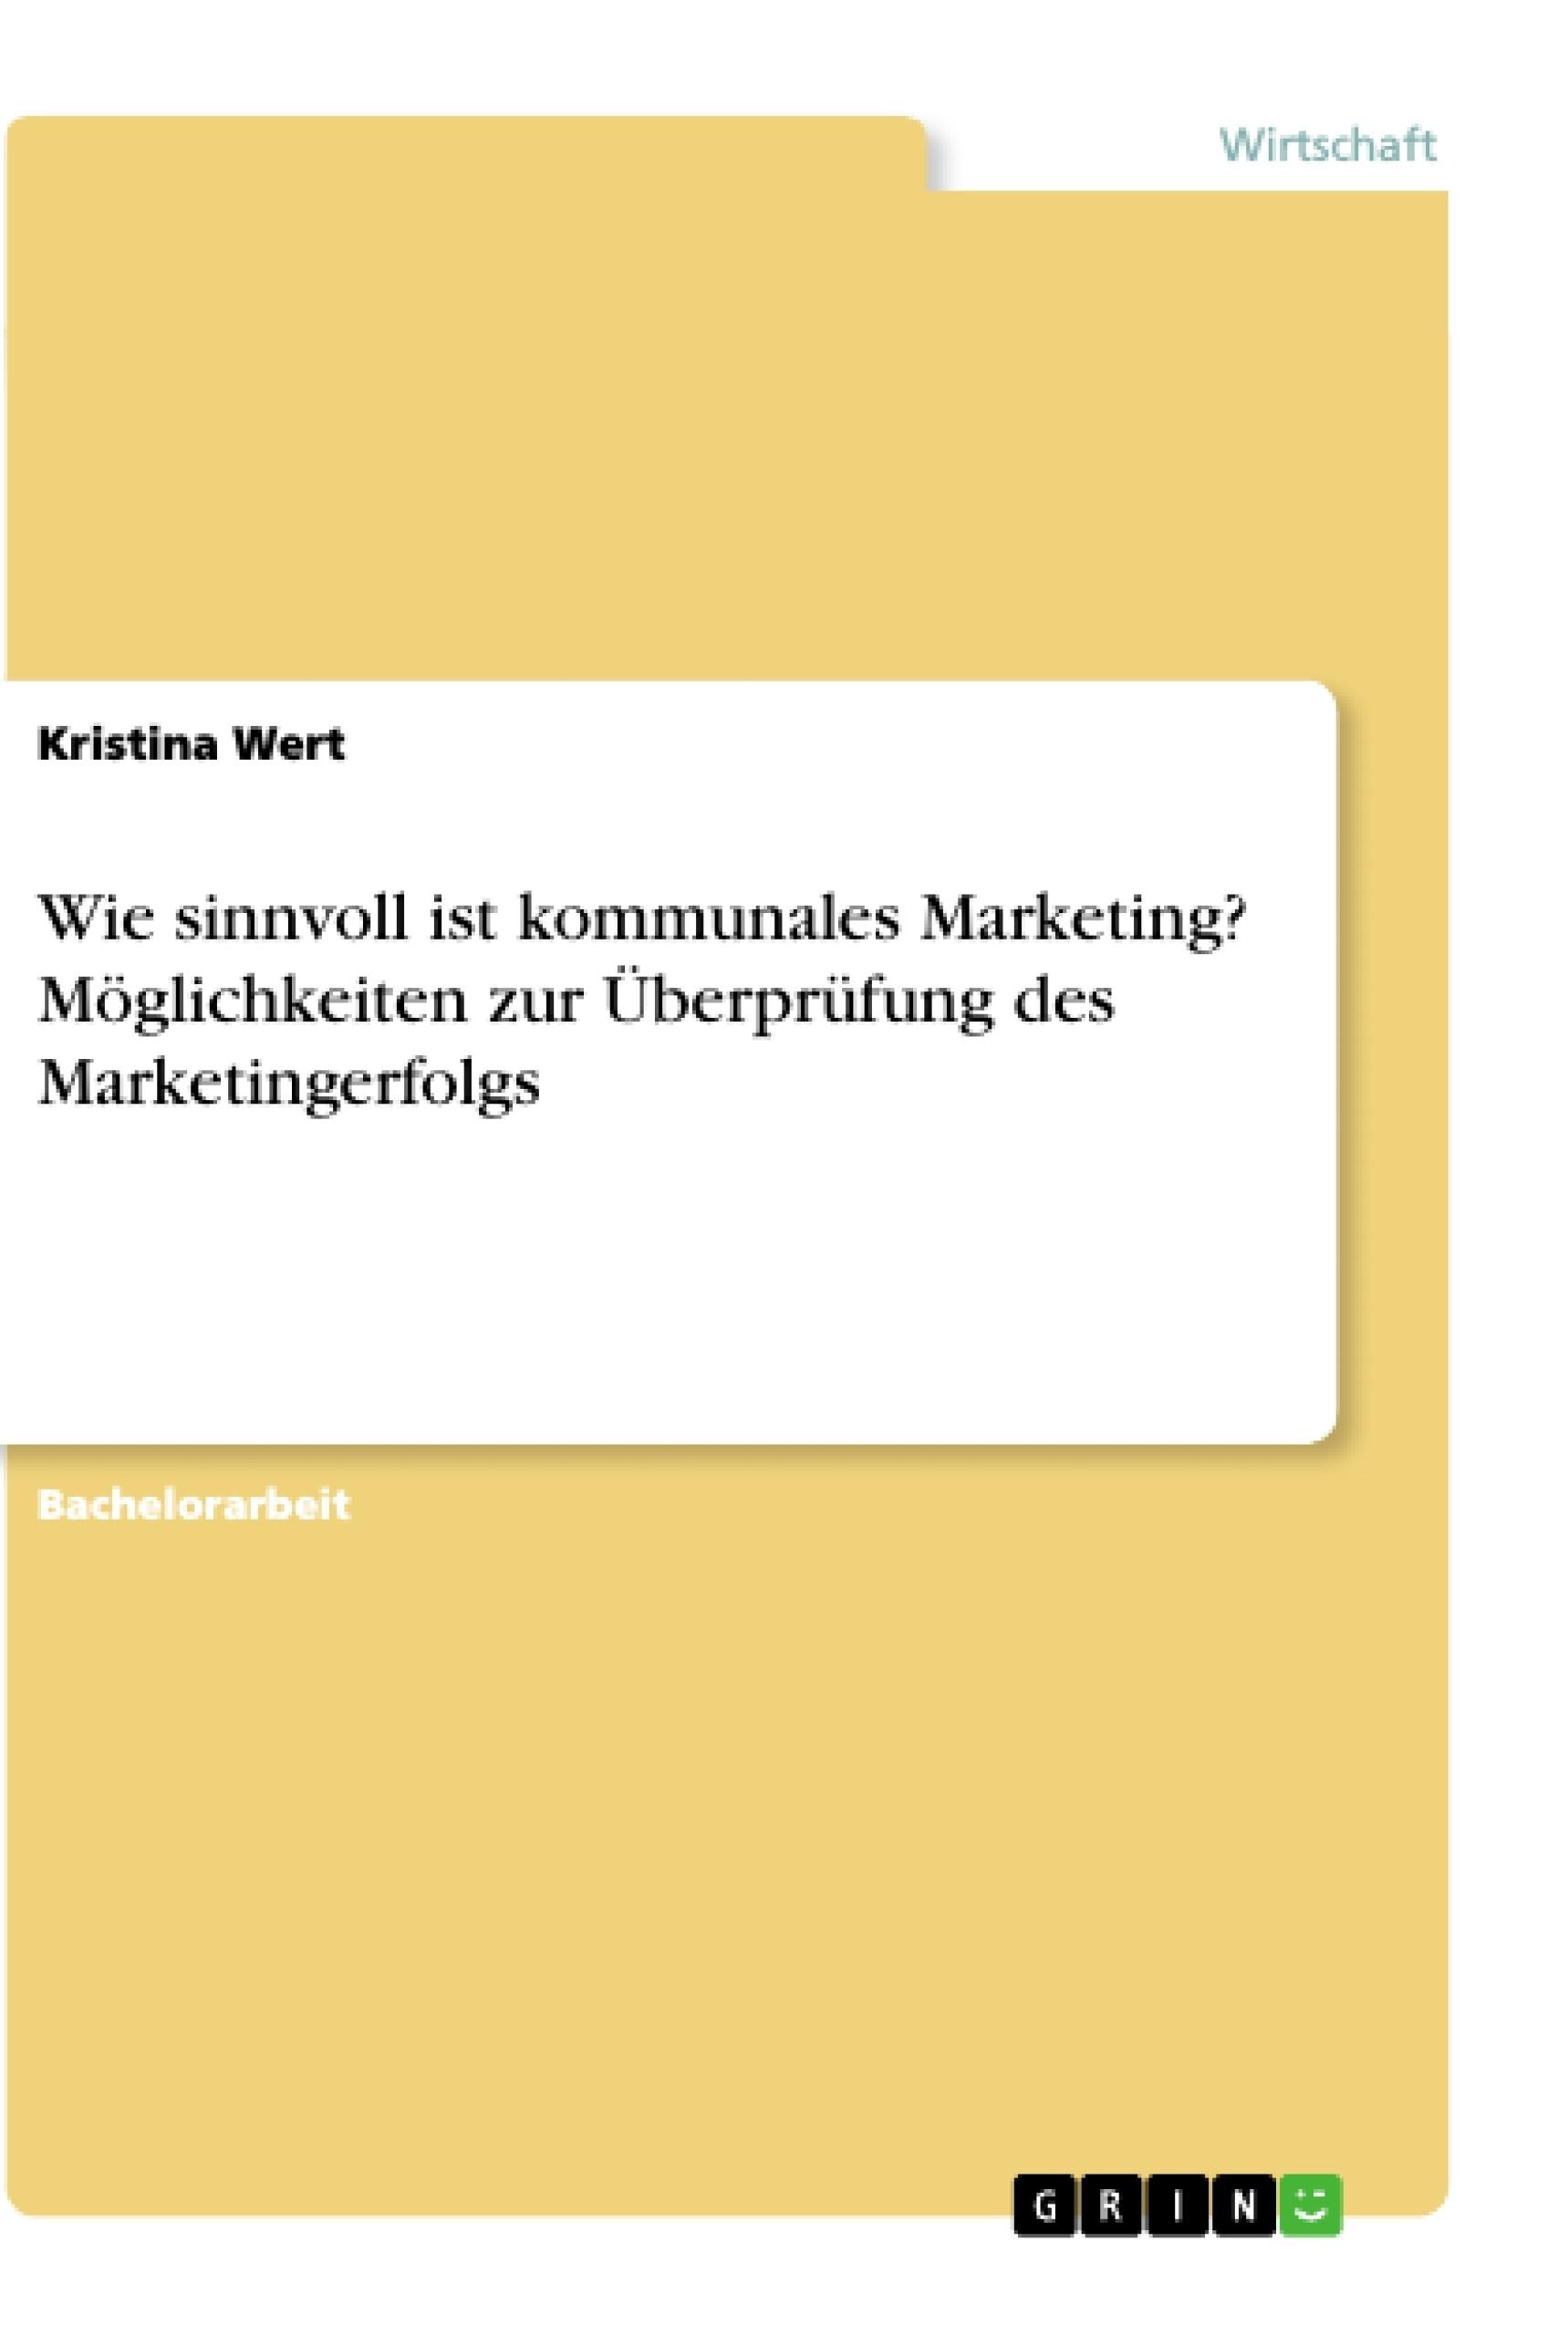 Titel: Wie sinnvoll ist kommunales Marketing? Möglichkeiten zur Überprüfung des Marketingerfolgs